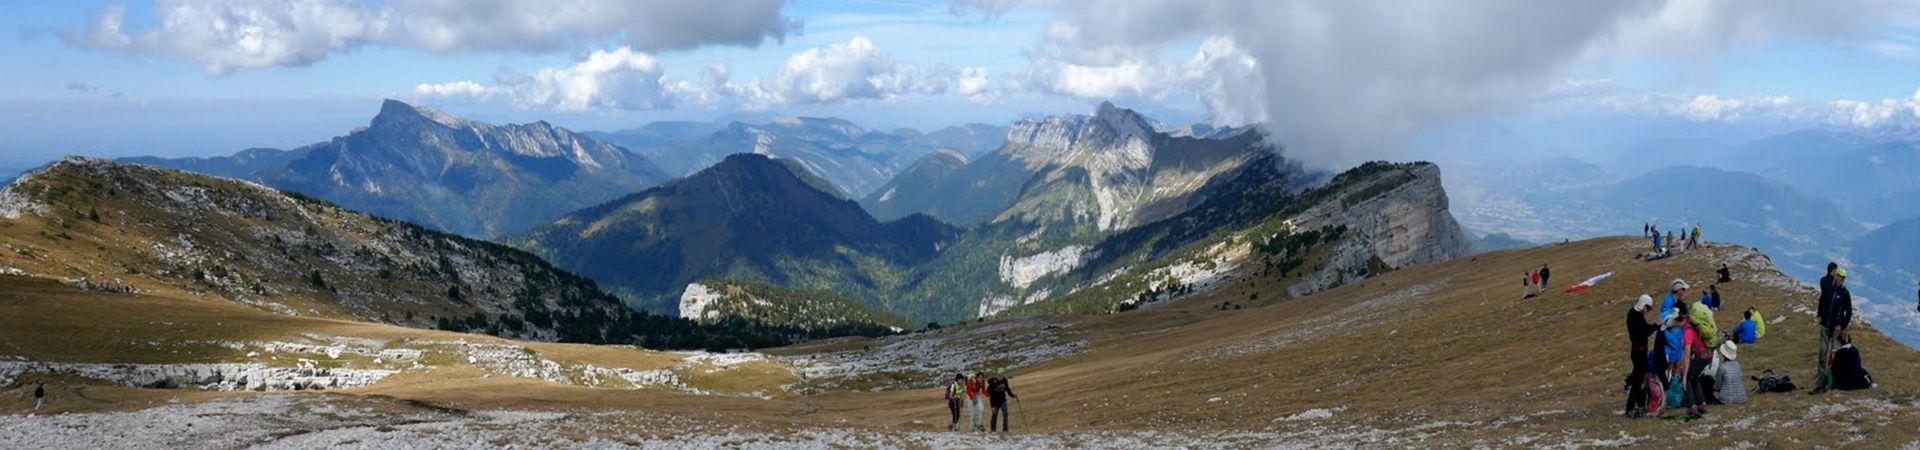 Randonneurs dans un magnifique paysage de montagnes